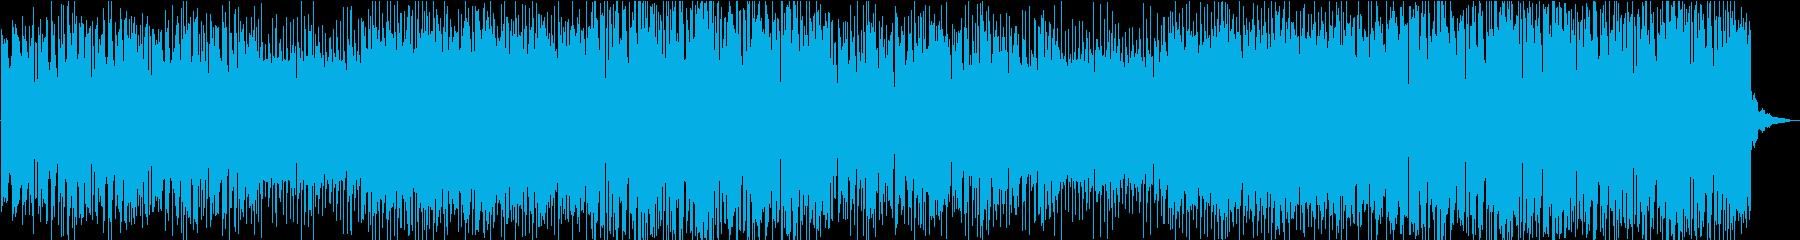 勢いのあるアップテンポなパンクロックの再生済みの波形